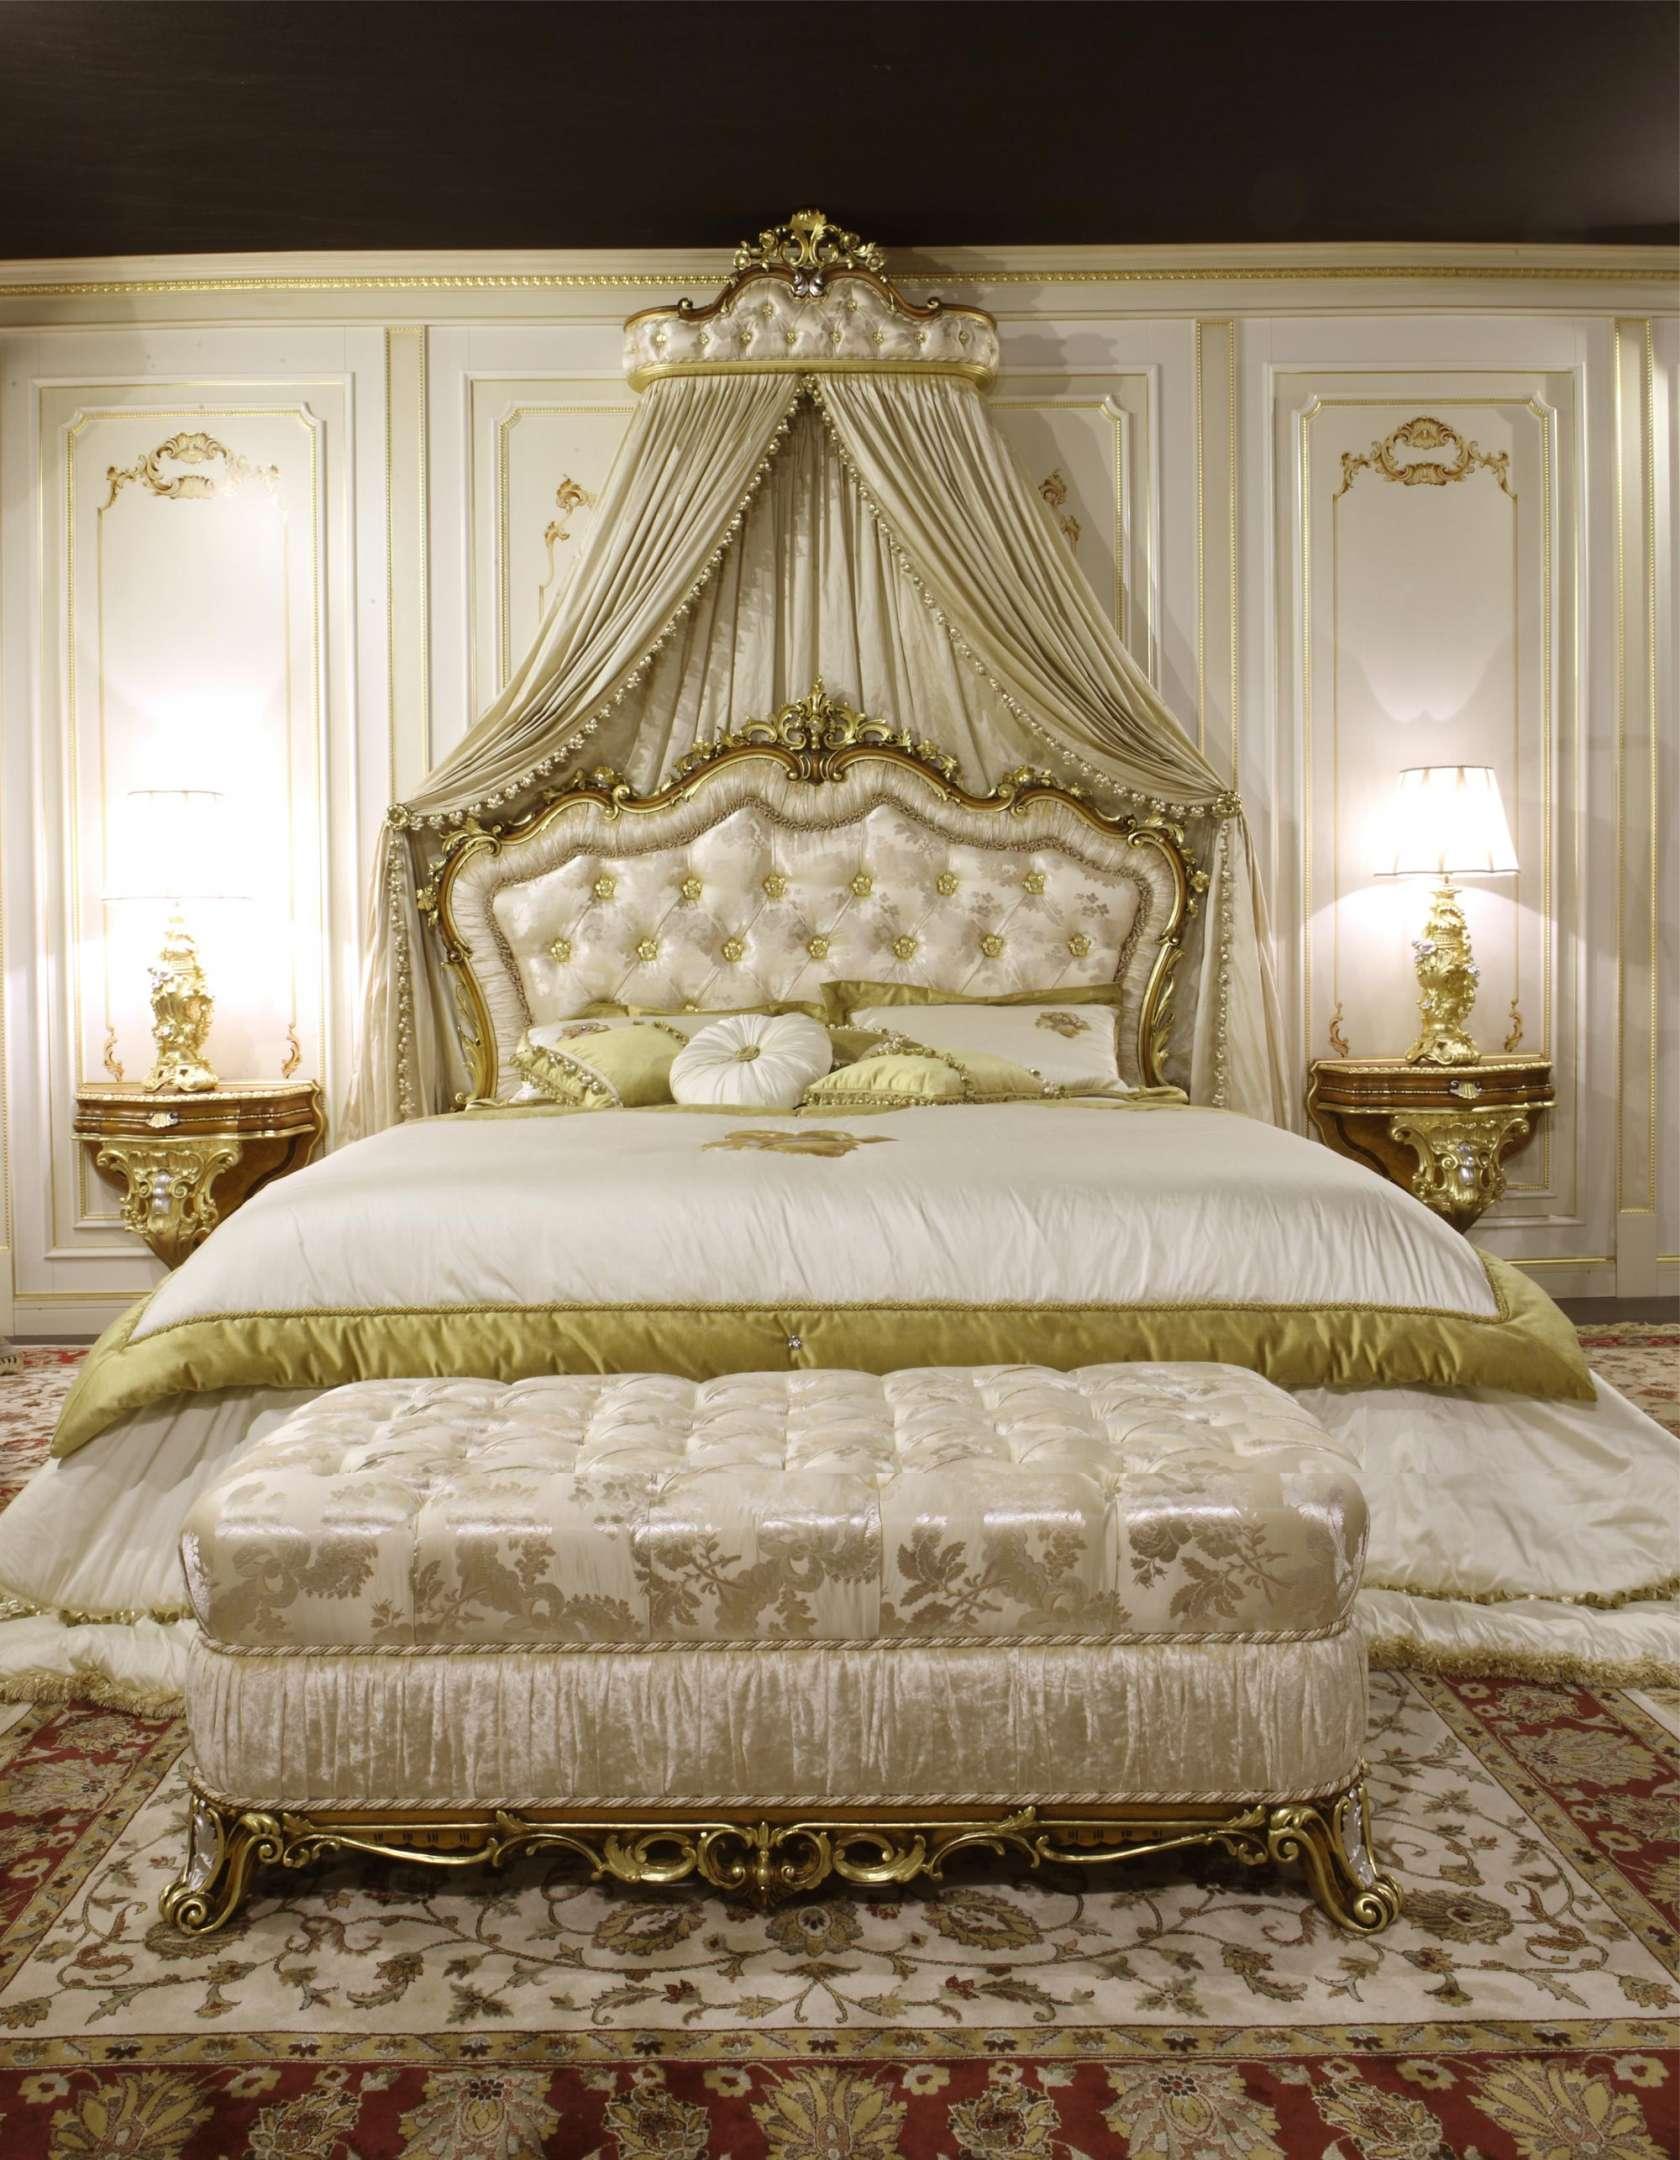 банкатка в стиле бароко в интерьере спальни